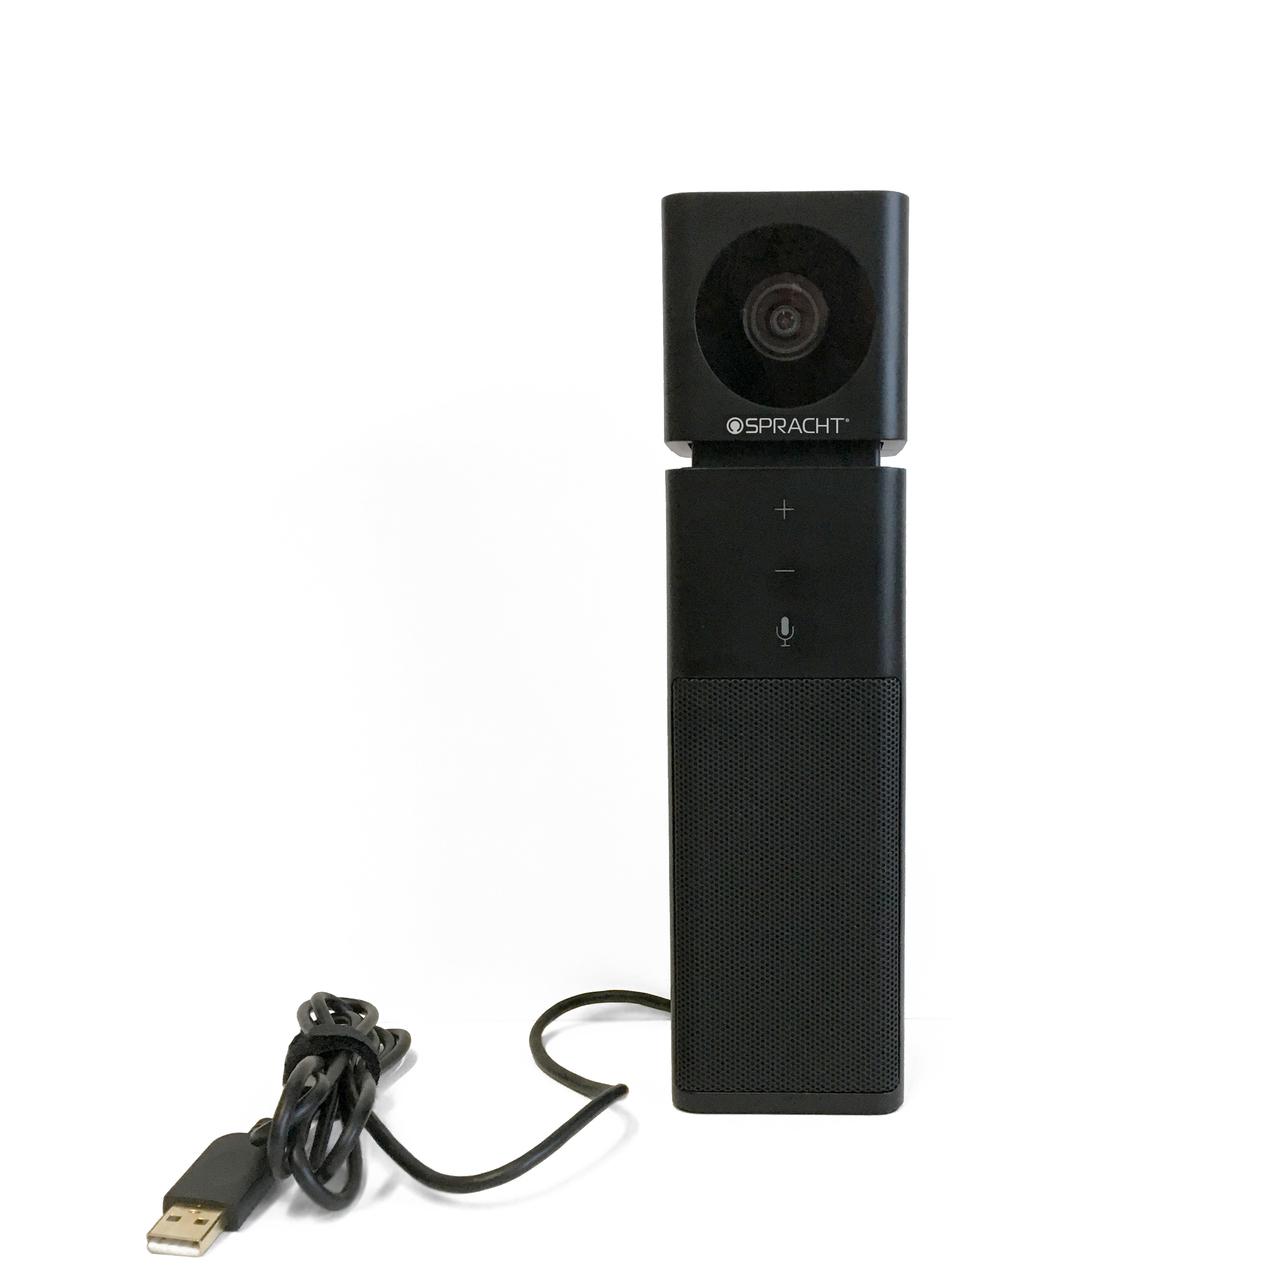 SPRACHT Spracht Aura Video Mate - Plot de visioconférence USB tout-en-un